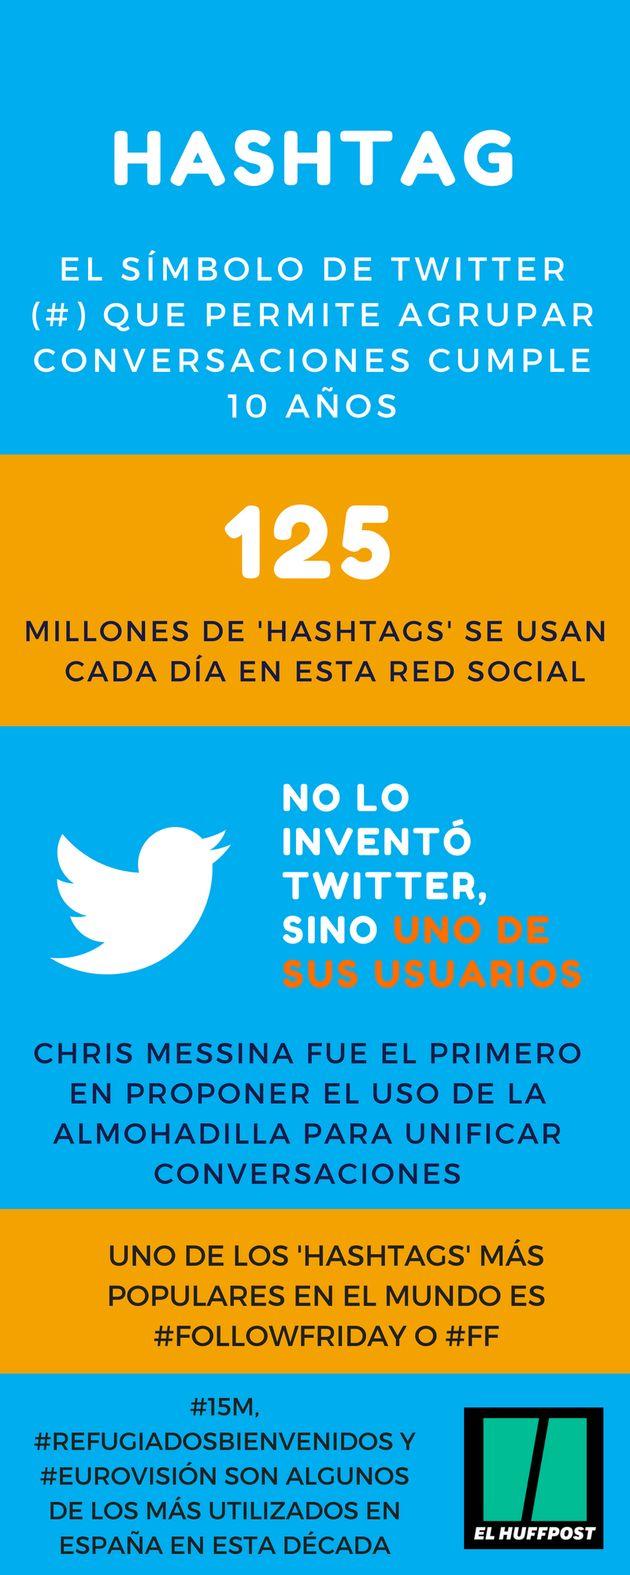 Curiosidades del 'hashtag' en su décimo